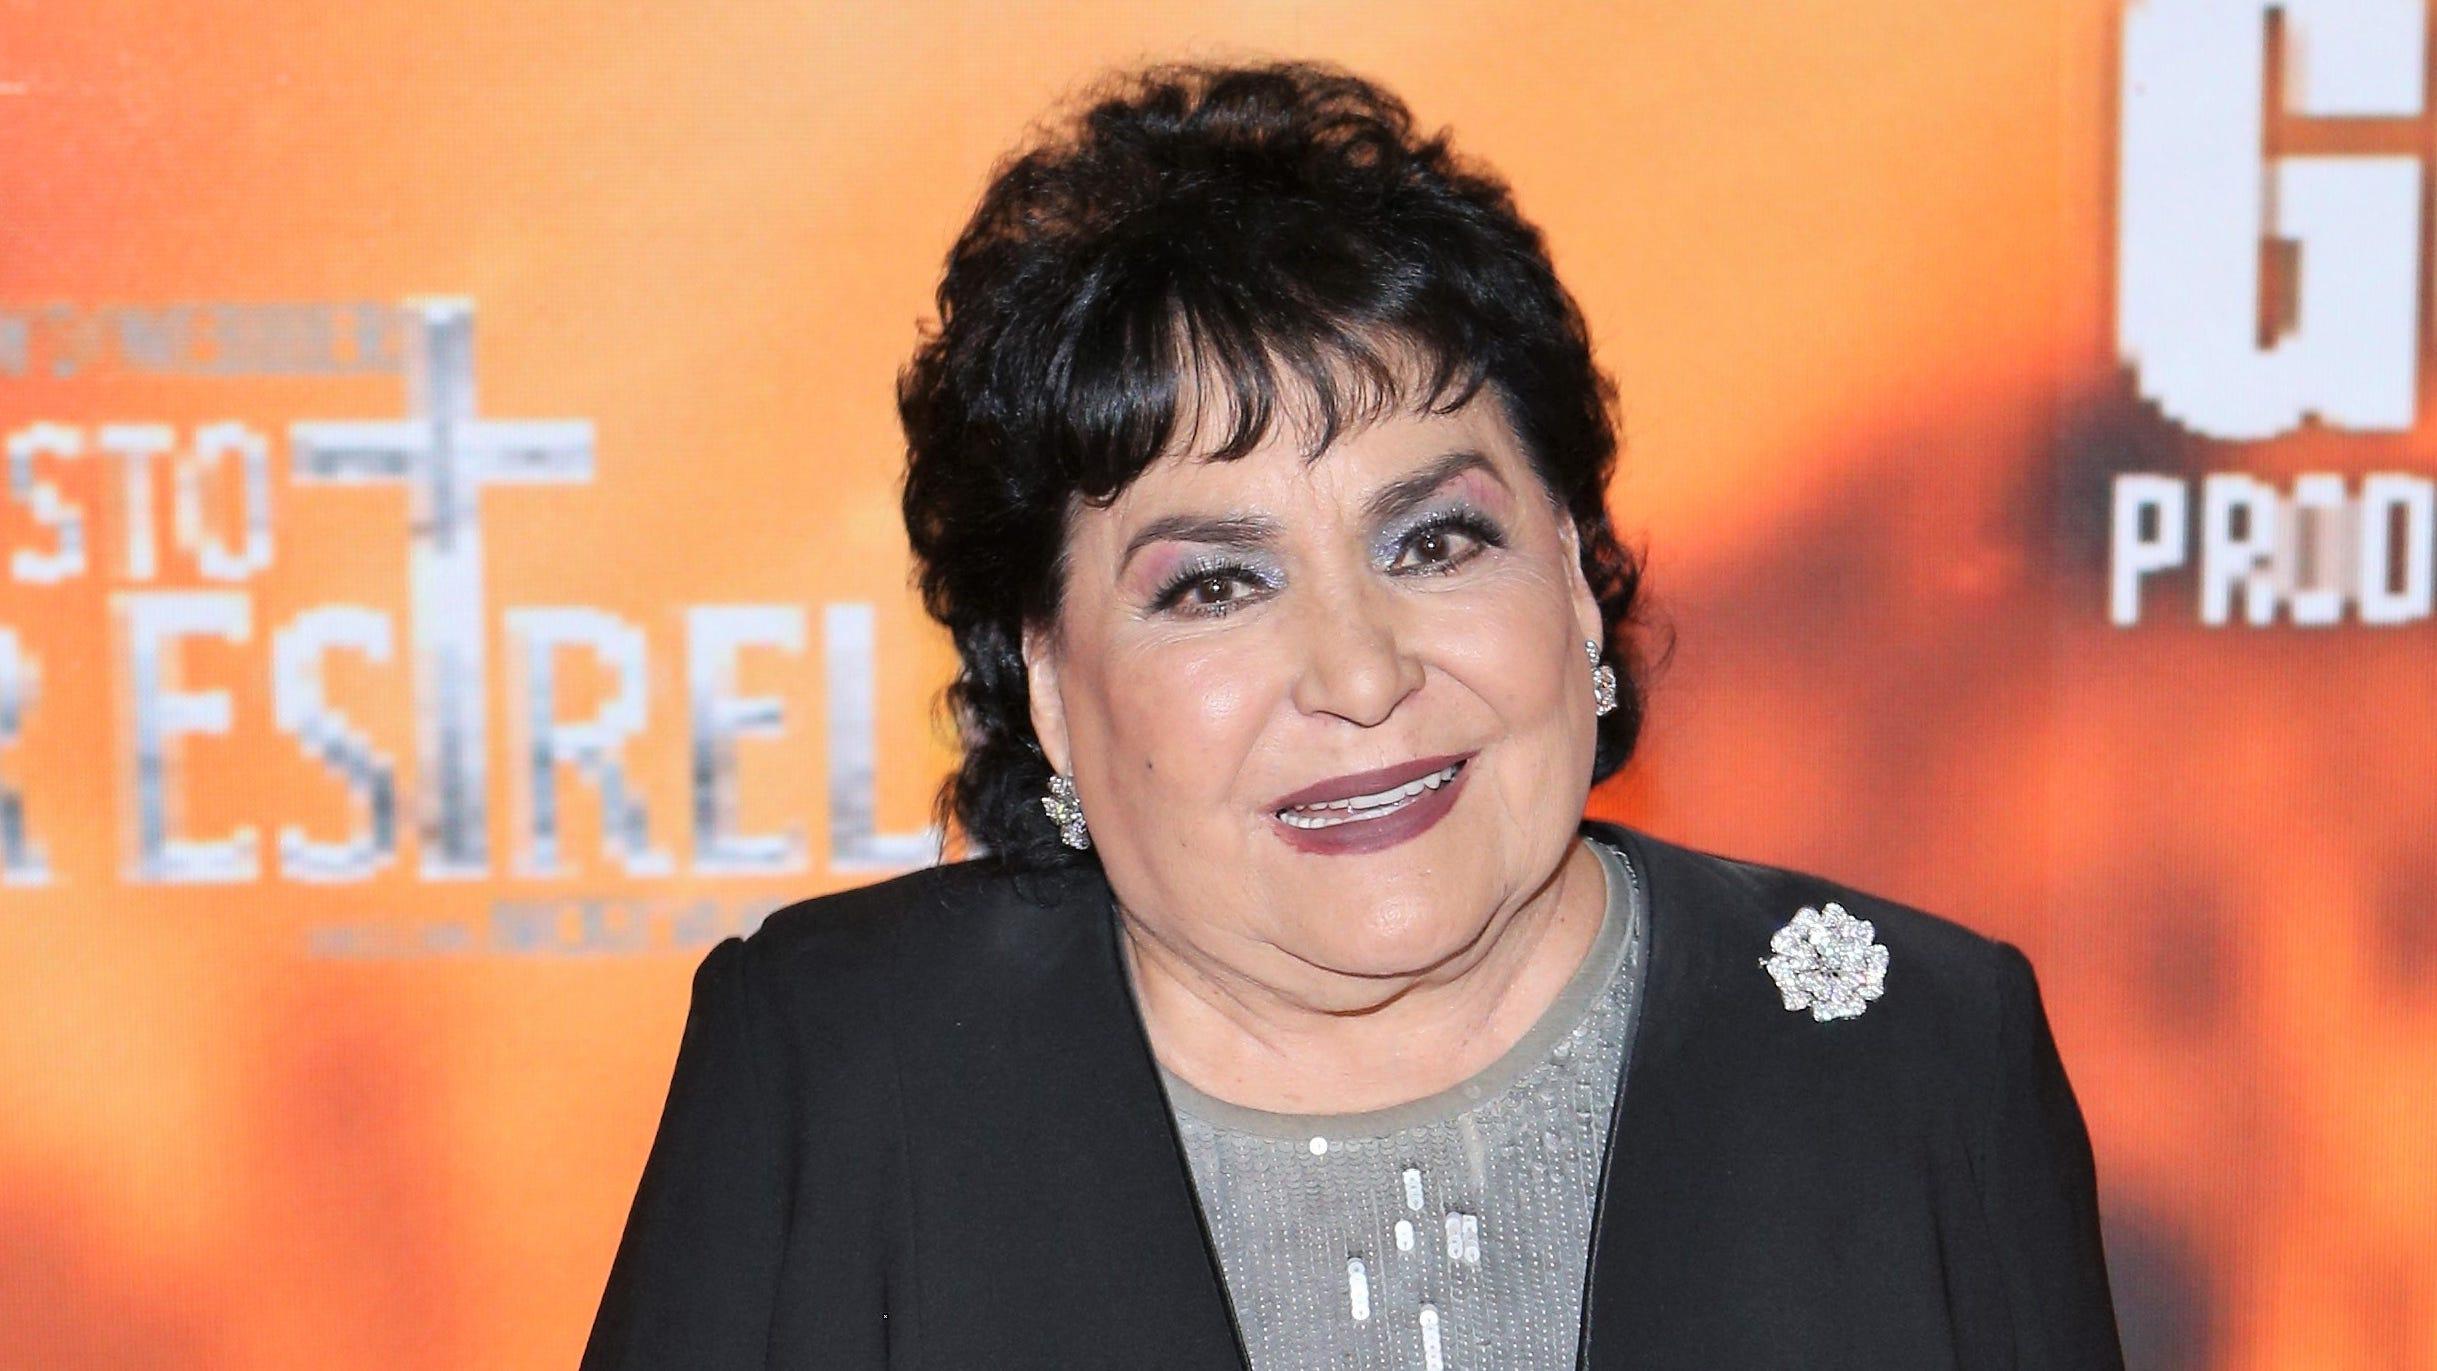 Carmen Salinas Orgullosa Del Exito De Nosotros Los Guapos Temporada 4 descargar episodio 1 descargar episodio 2 descargar epis. carmen salinas orgullosa del exito de